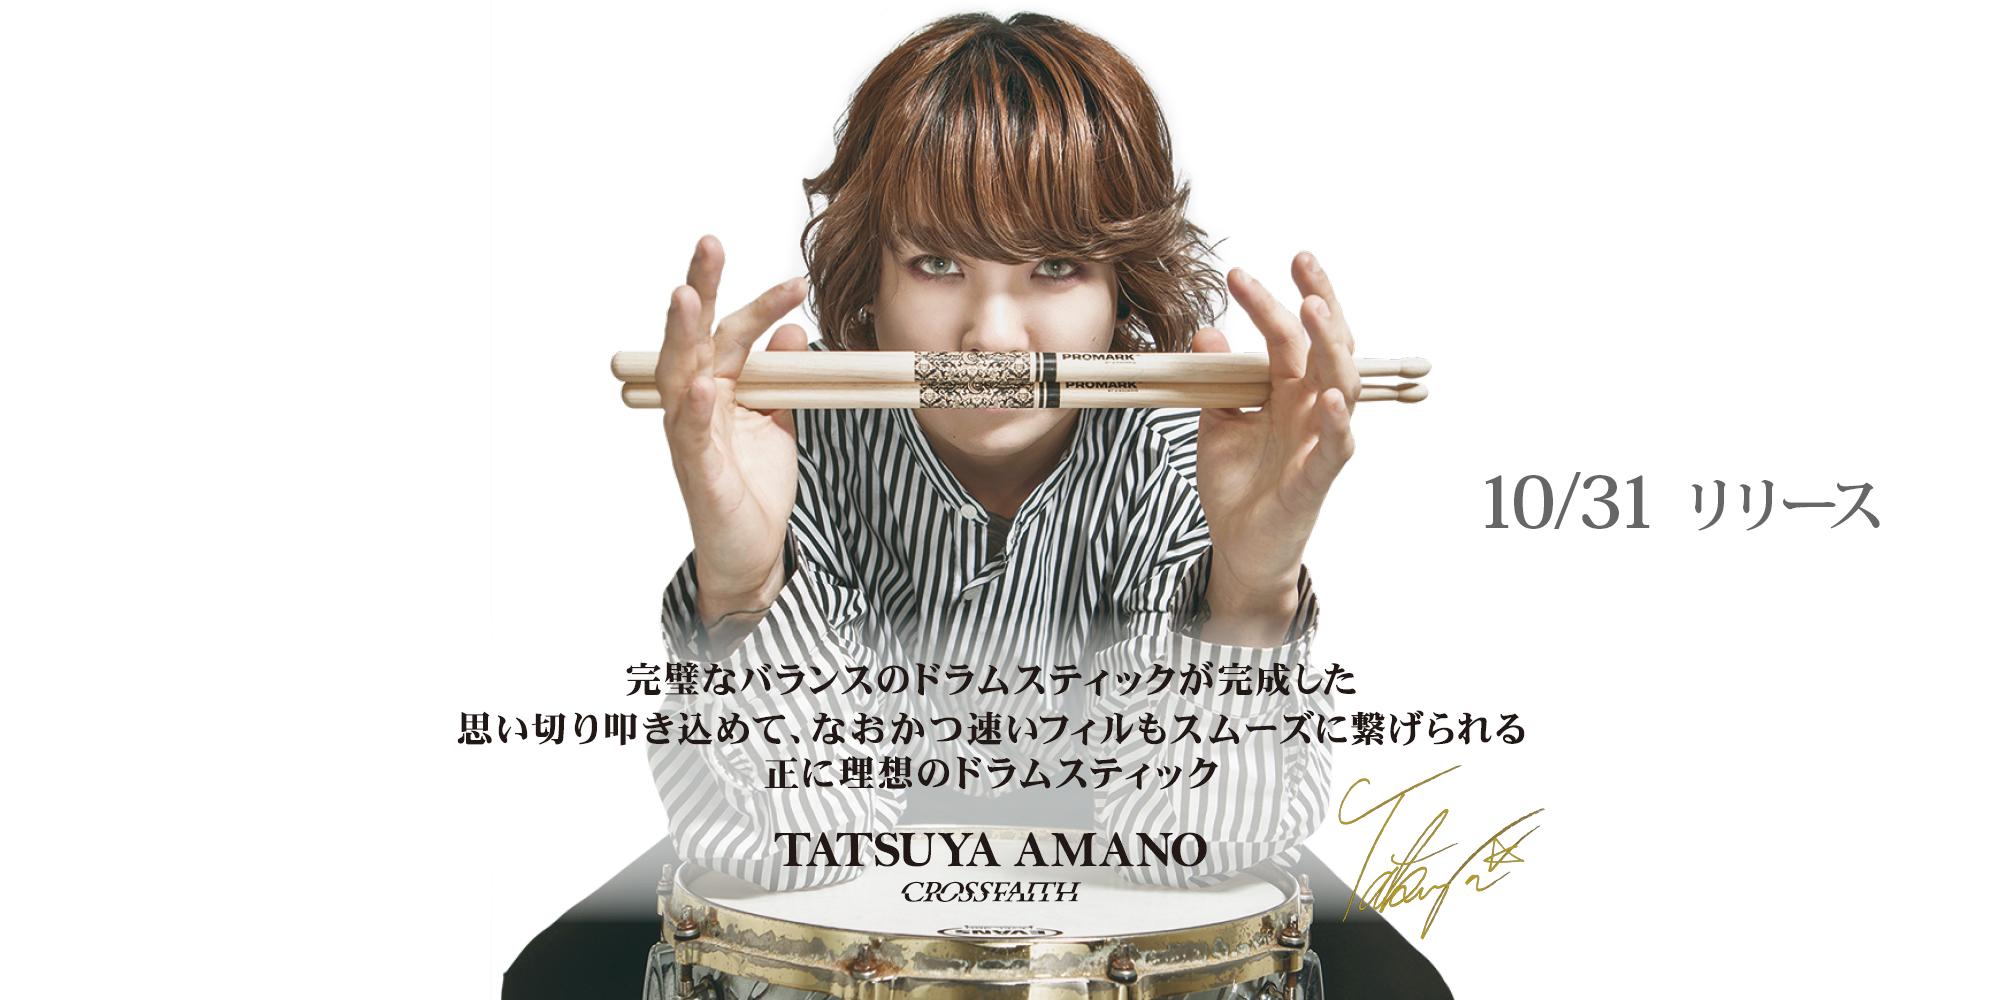 Tatsuya Amano シグネチャーモデル・ドラムスティック リリース!